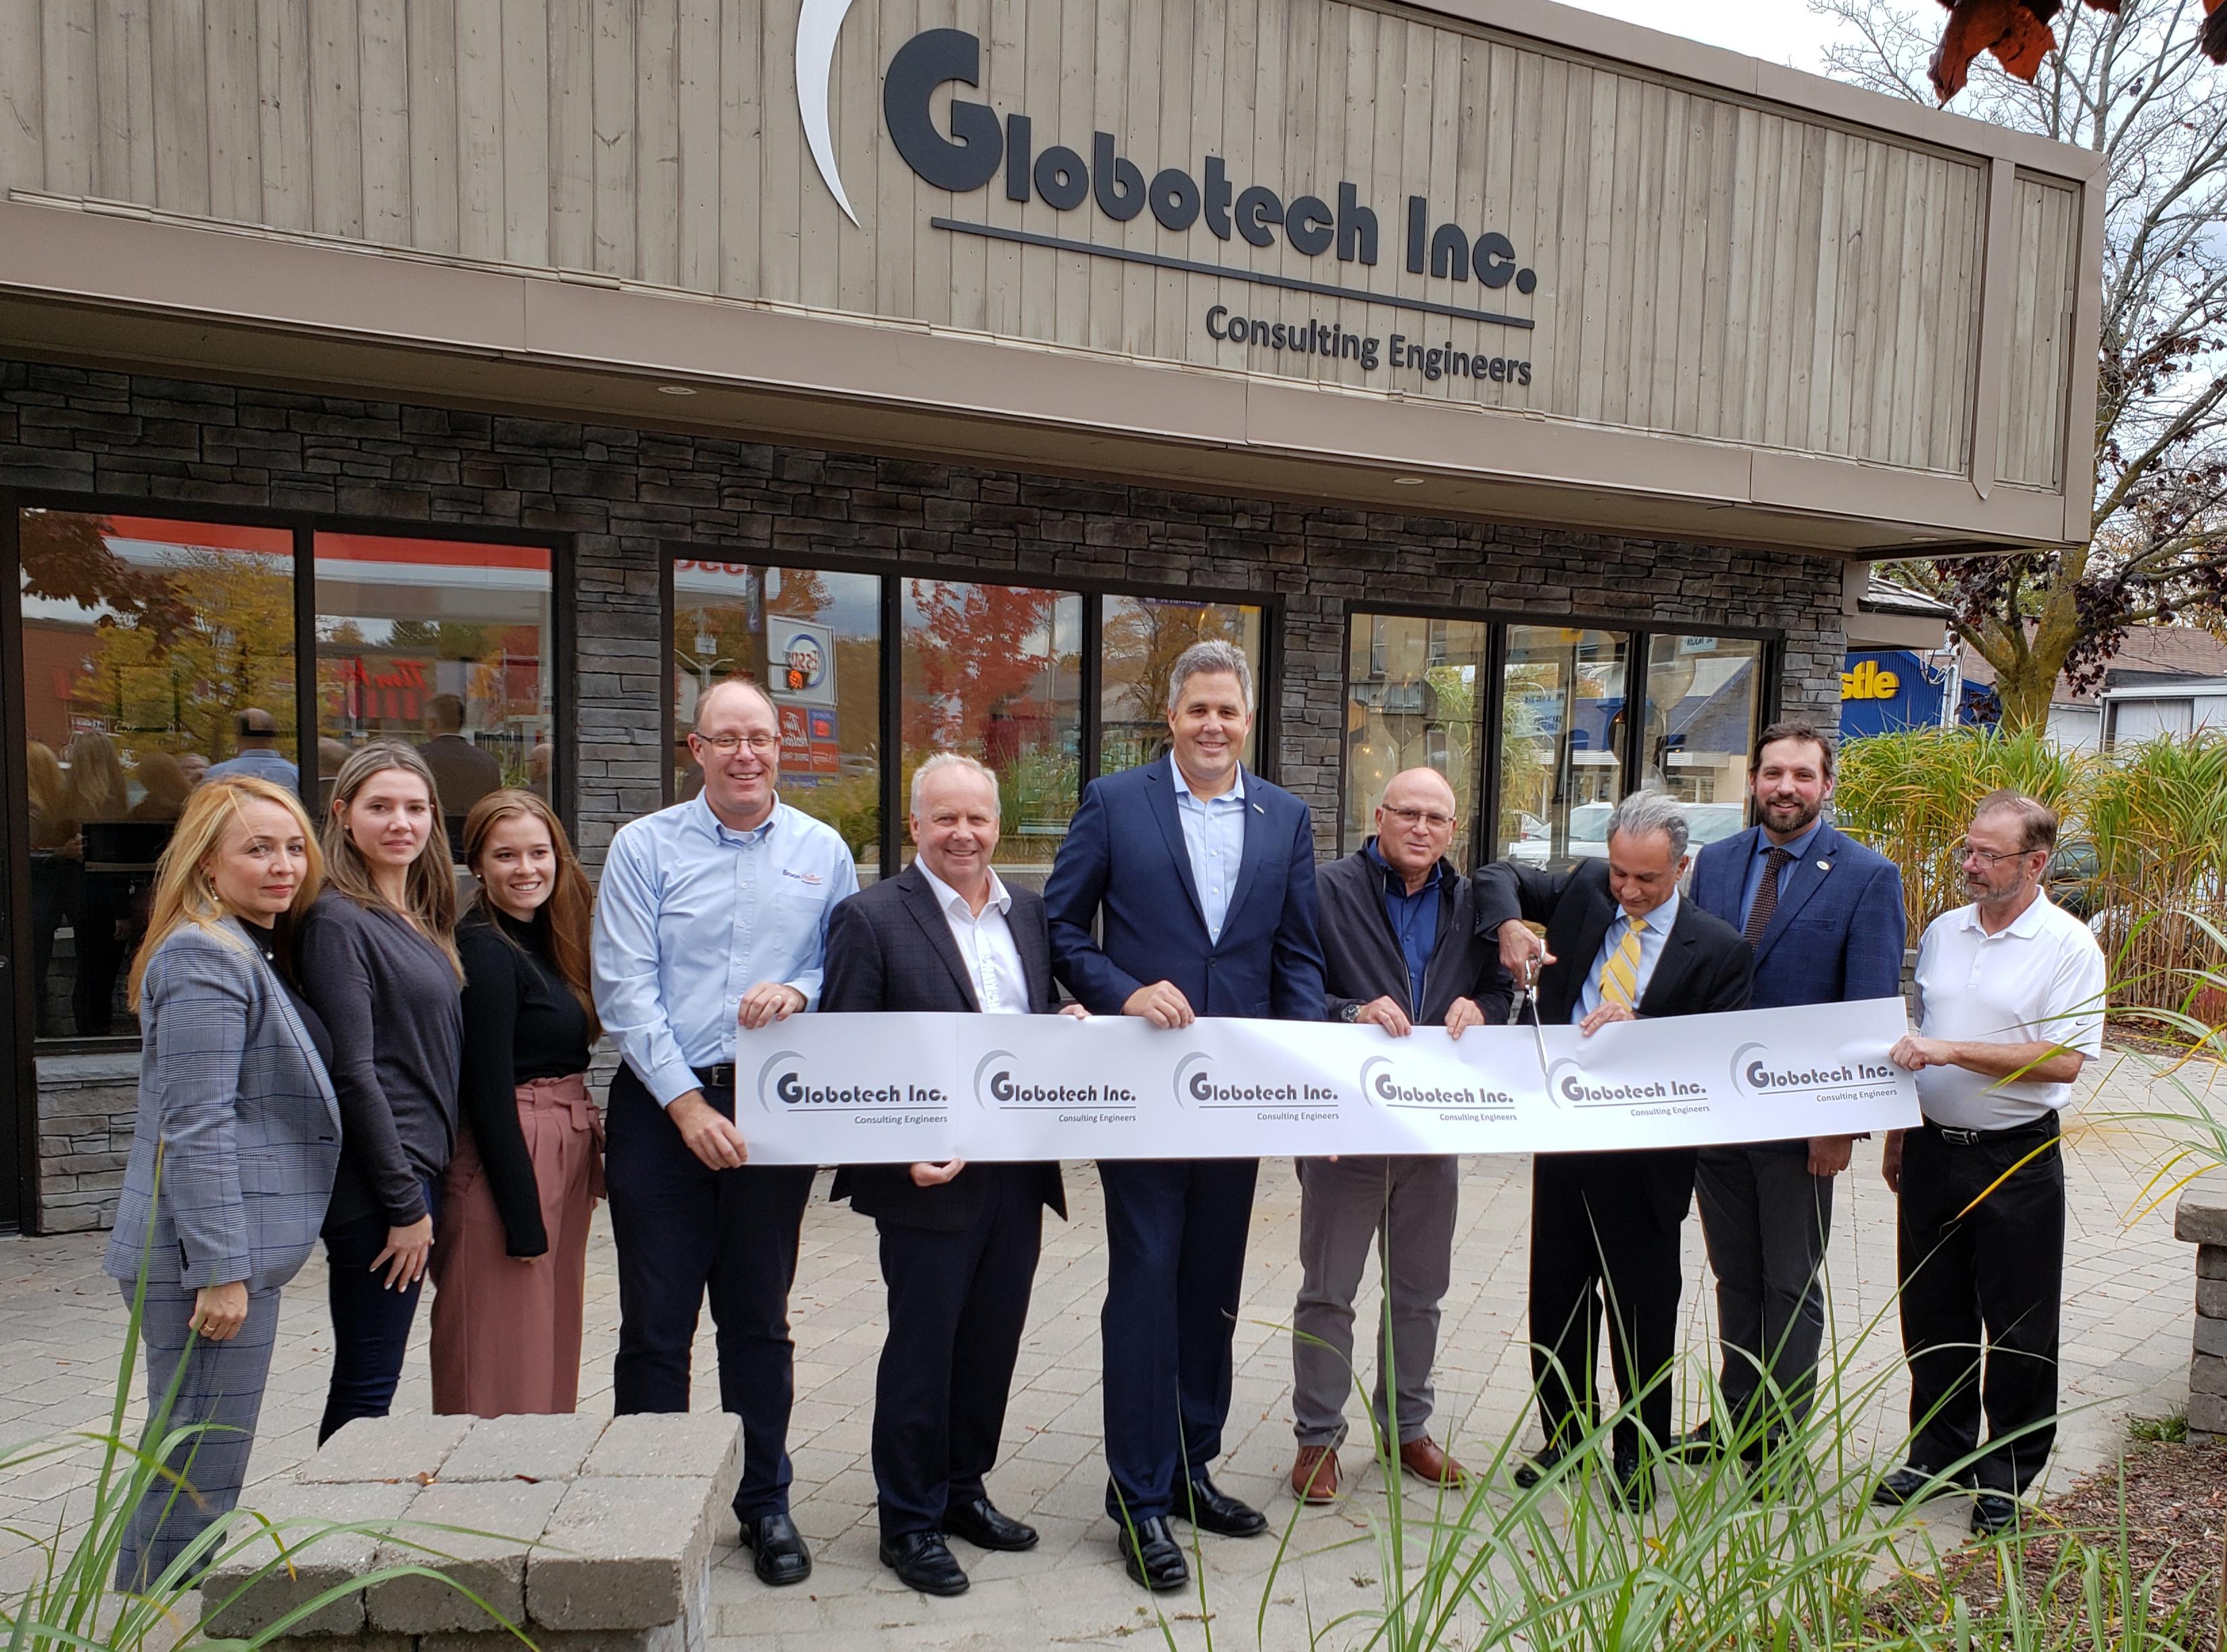 Dignitaries cut ribbon at Globotech Inc. office